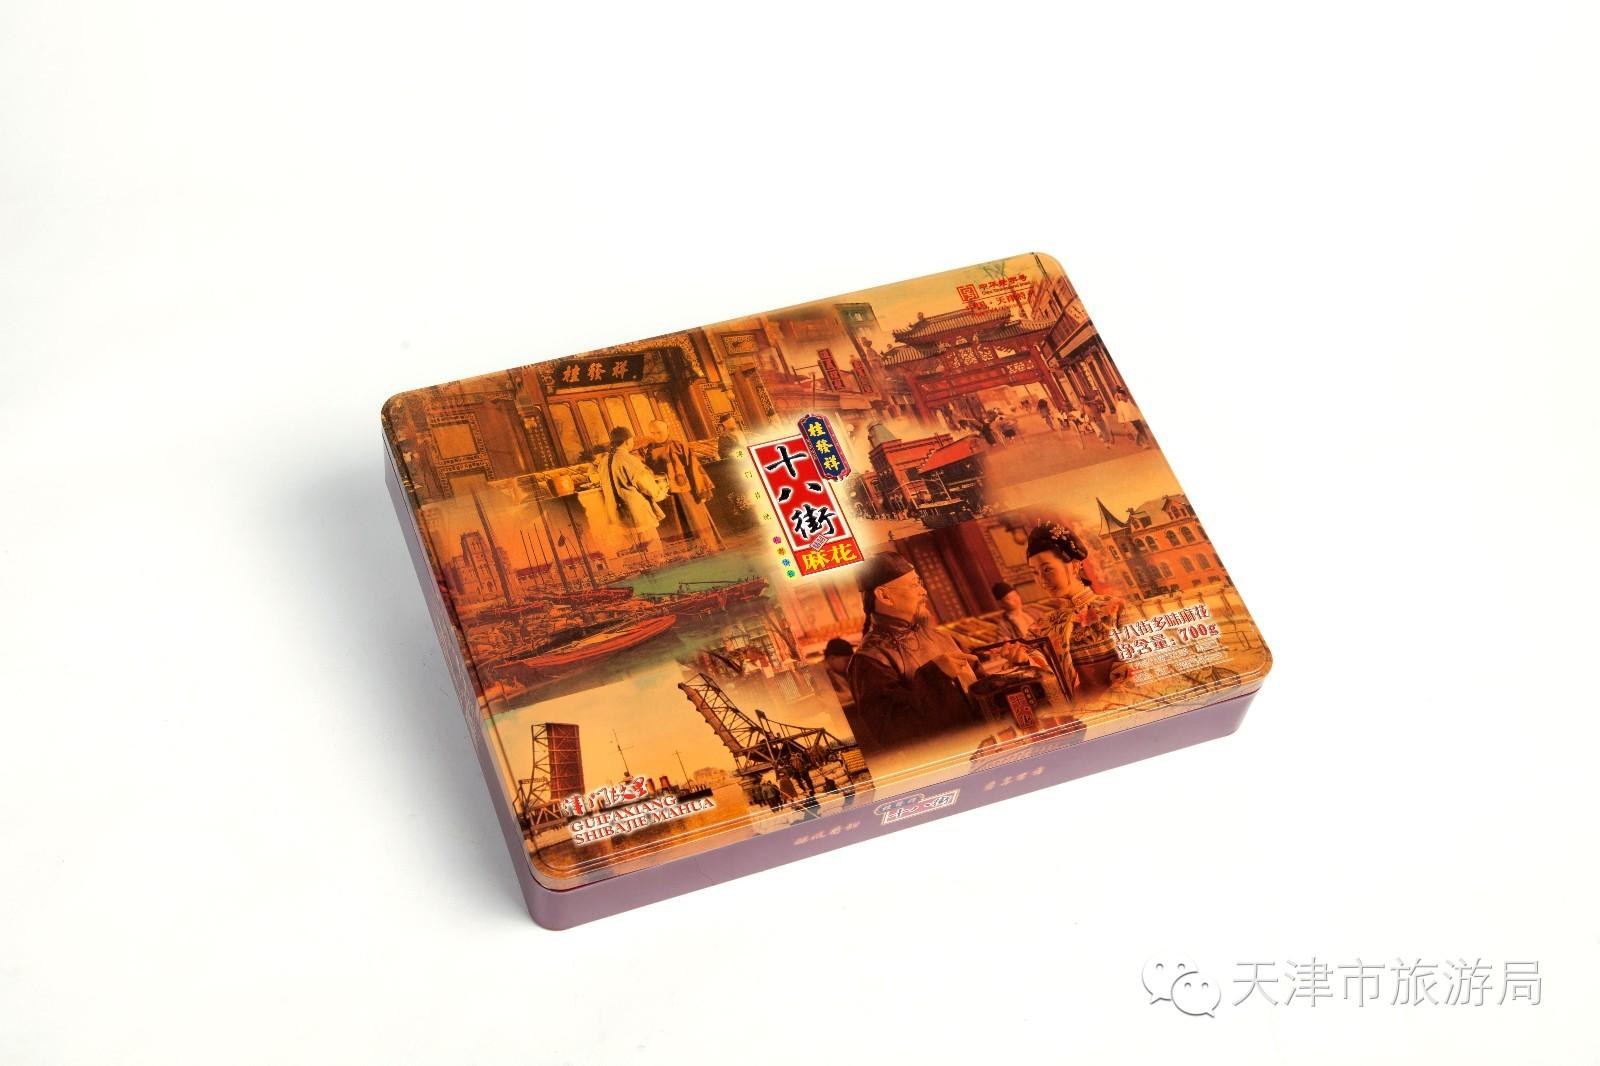 天津推荐好食汇景区美食展示及投票 宝坻区、旅游山师东路济南美食图片